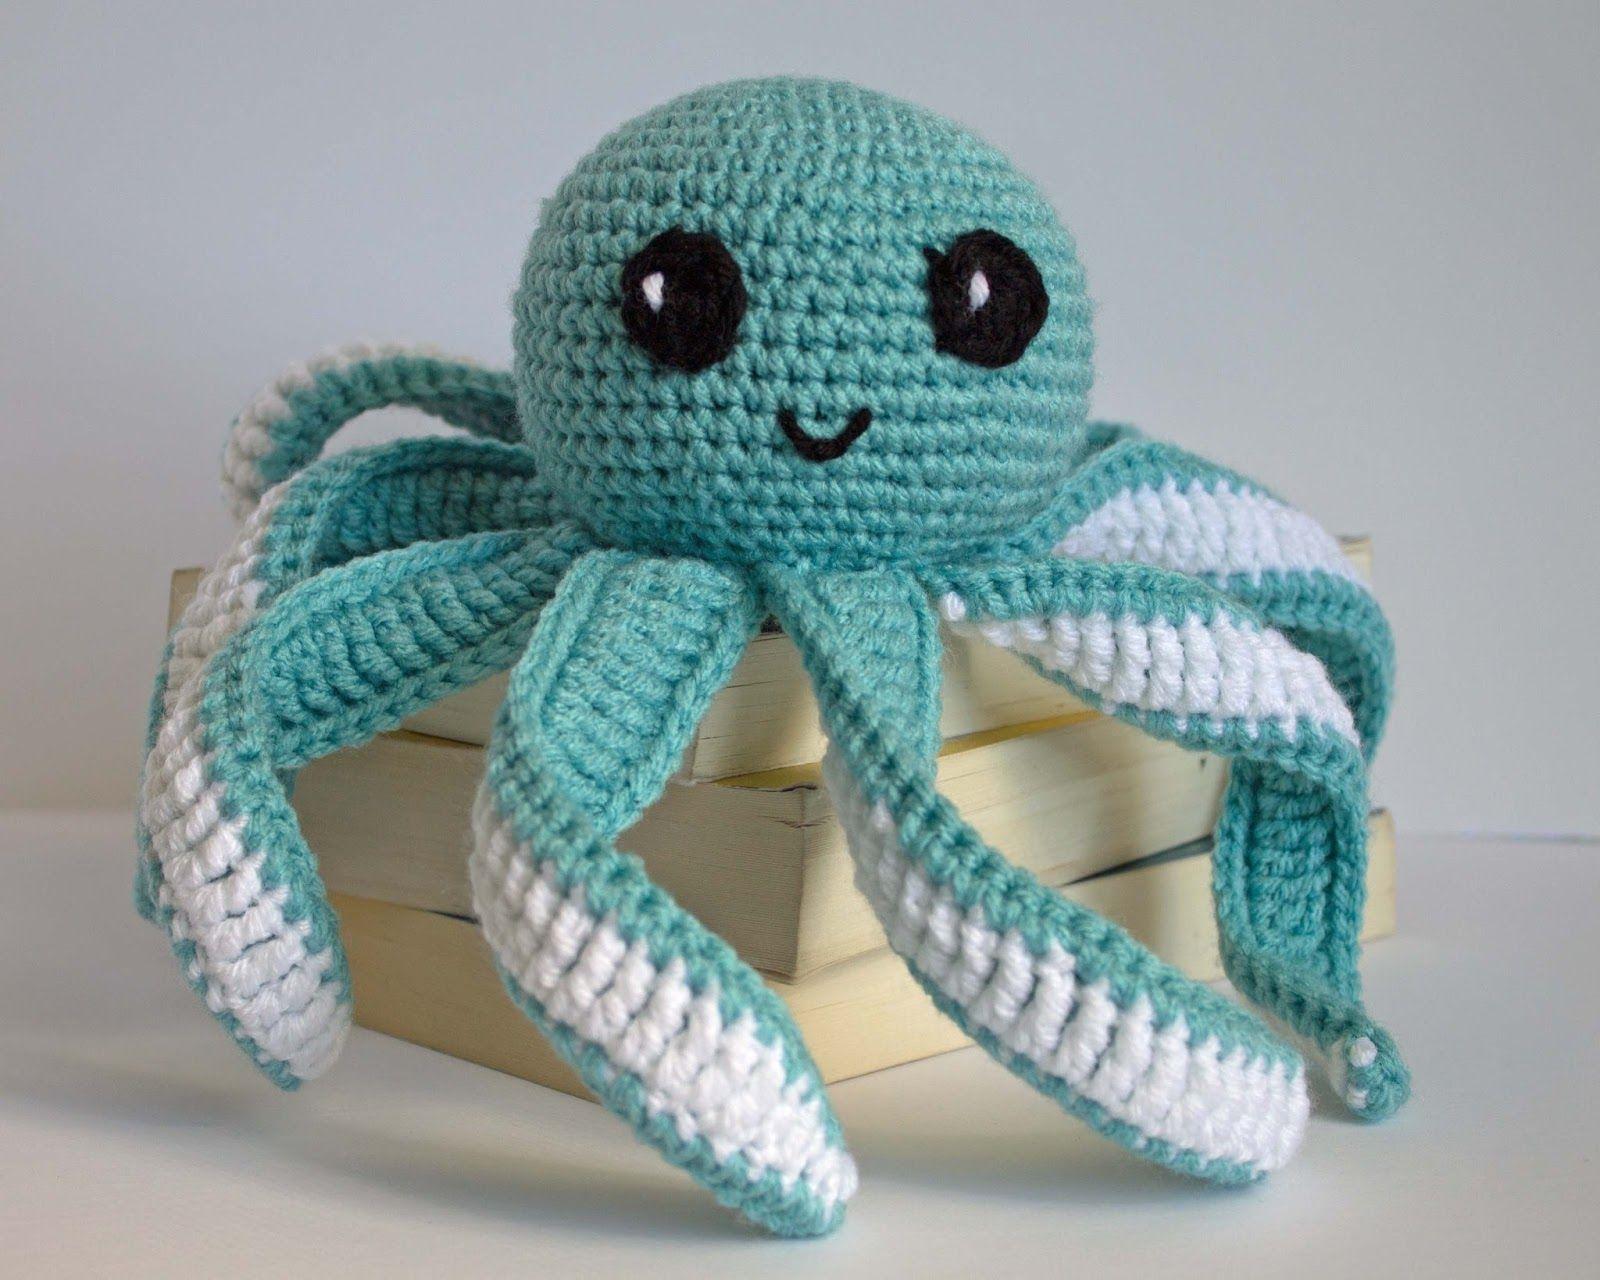 Amigurumi Octopus Baby Toy Free Pattern | Pinterest | Häkeln, Baby ...